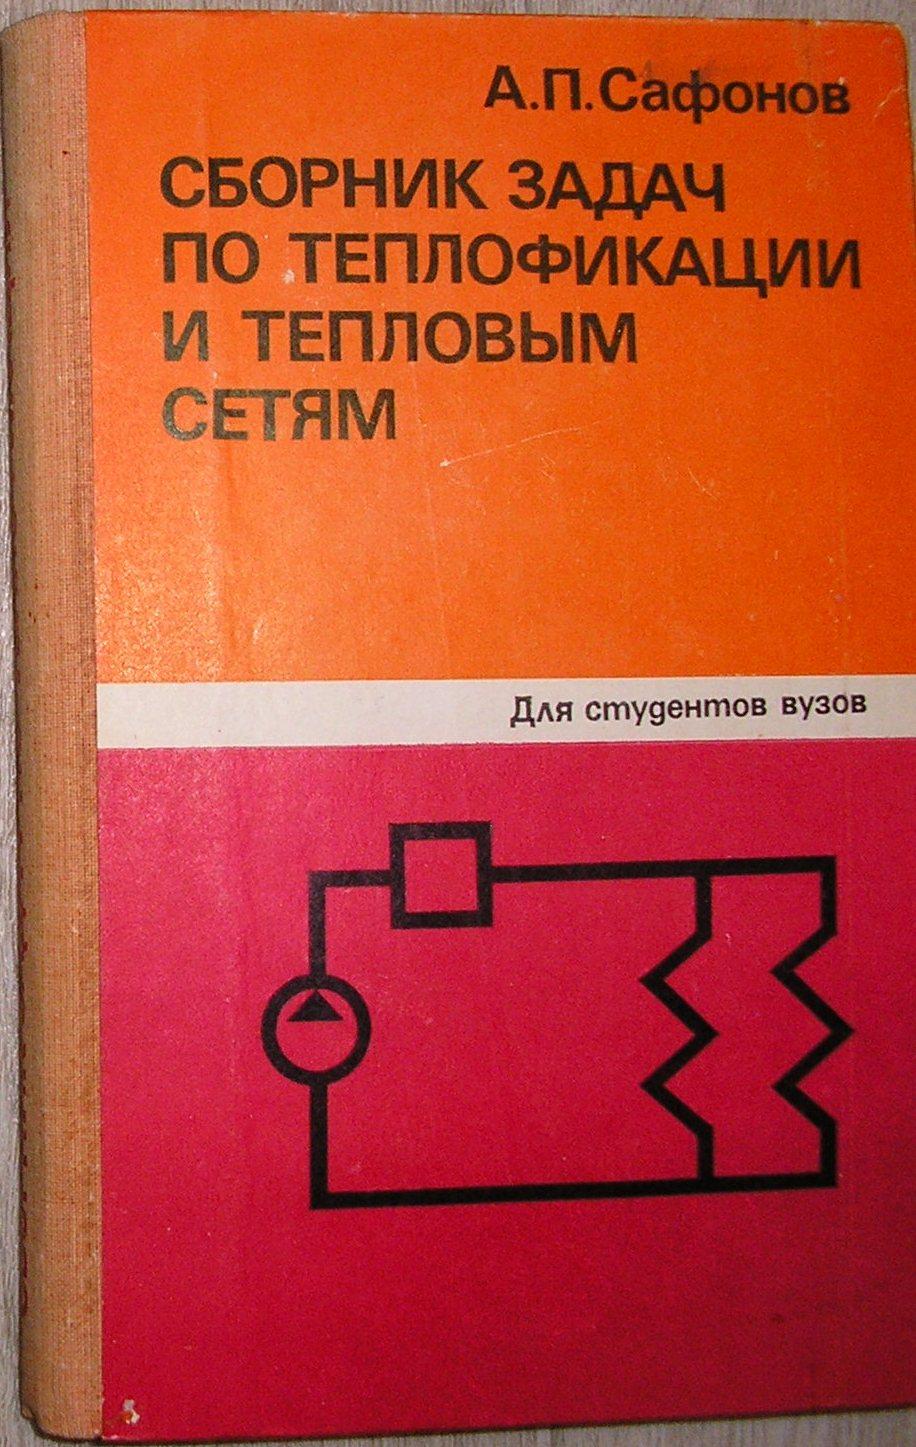 анус Нетерпеливо справочник строителя тепловых сетей Студенты